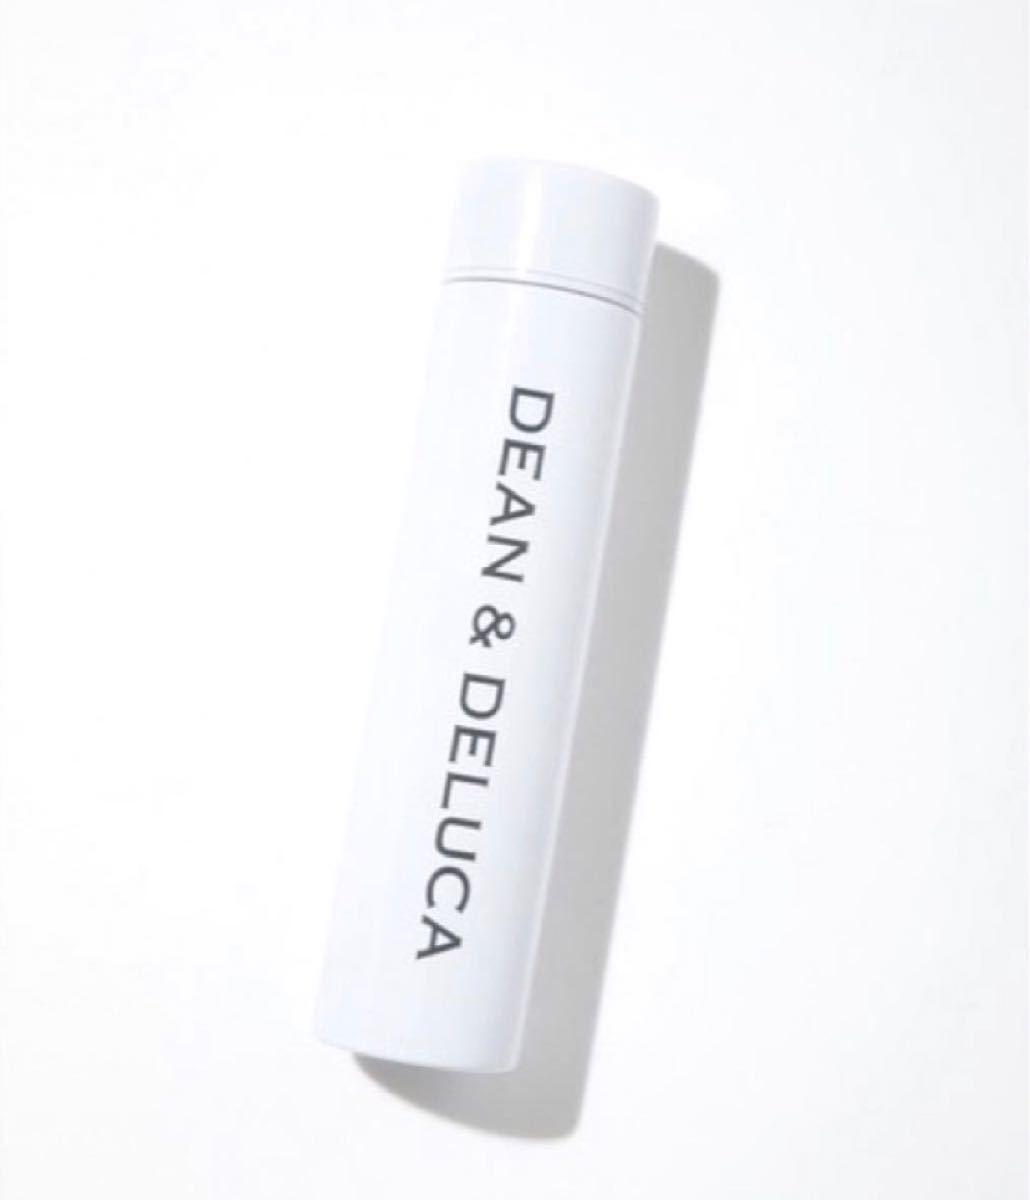 ディーン&デルーカ ステンレスボトル ホワイト GLOW 2020年8月号付録